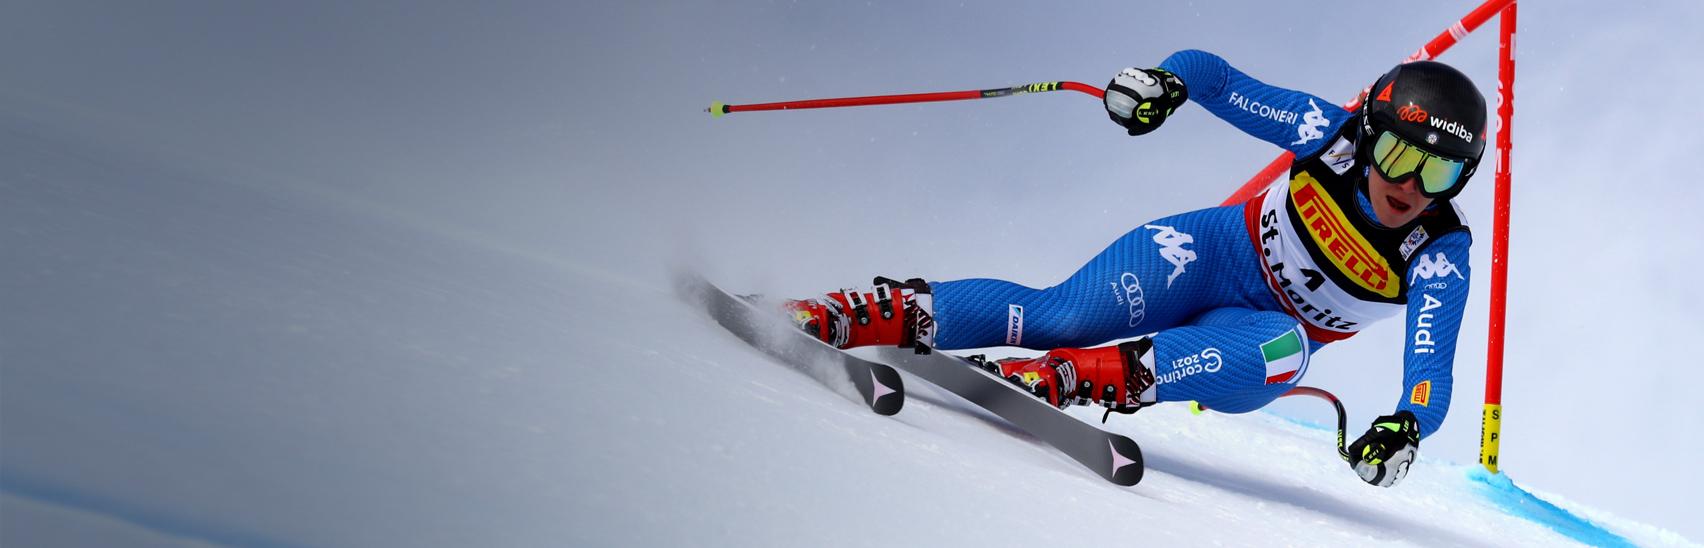 94047_sponsorship_ski